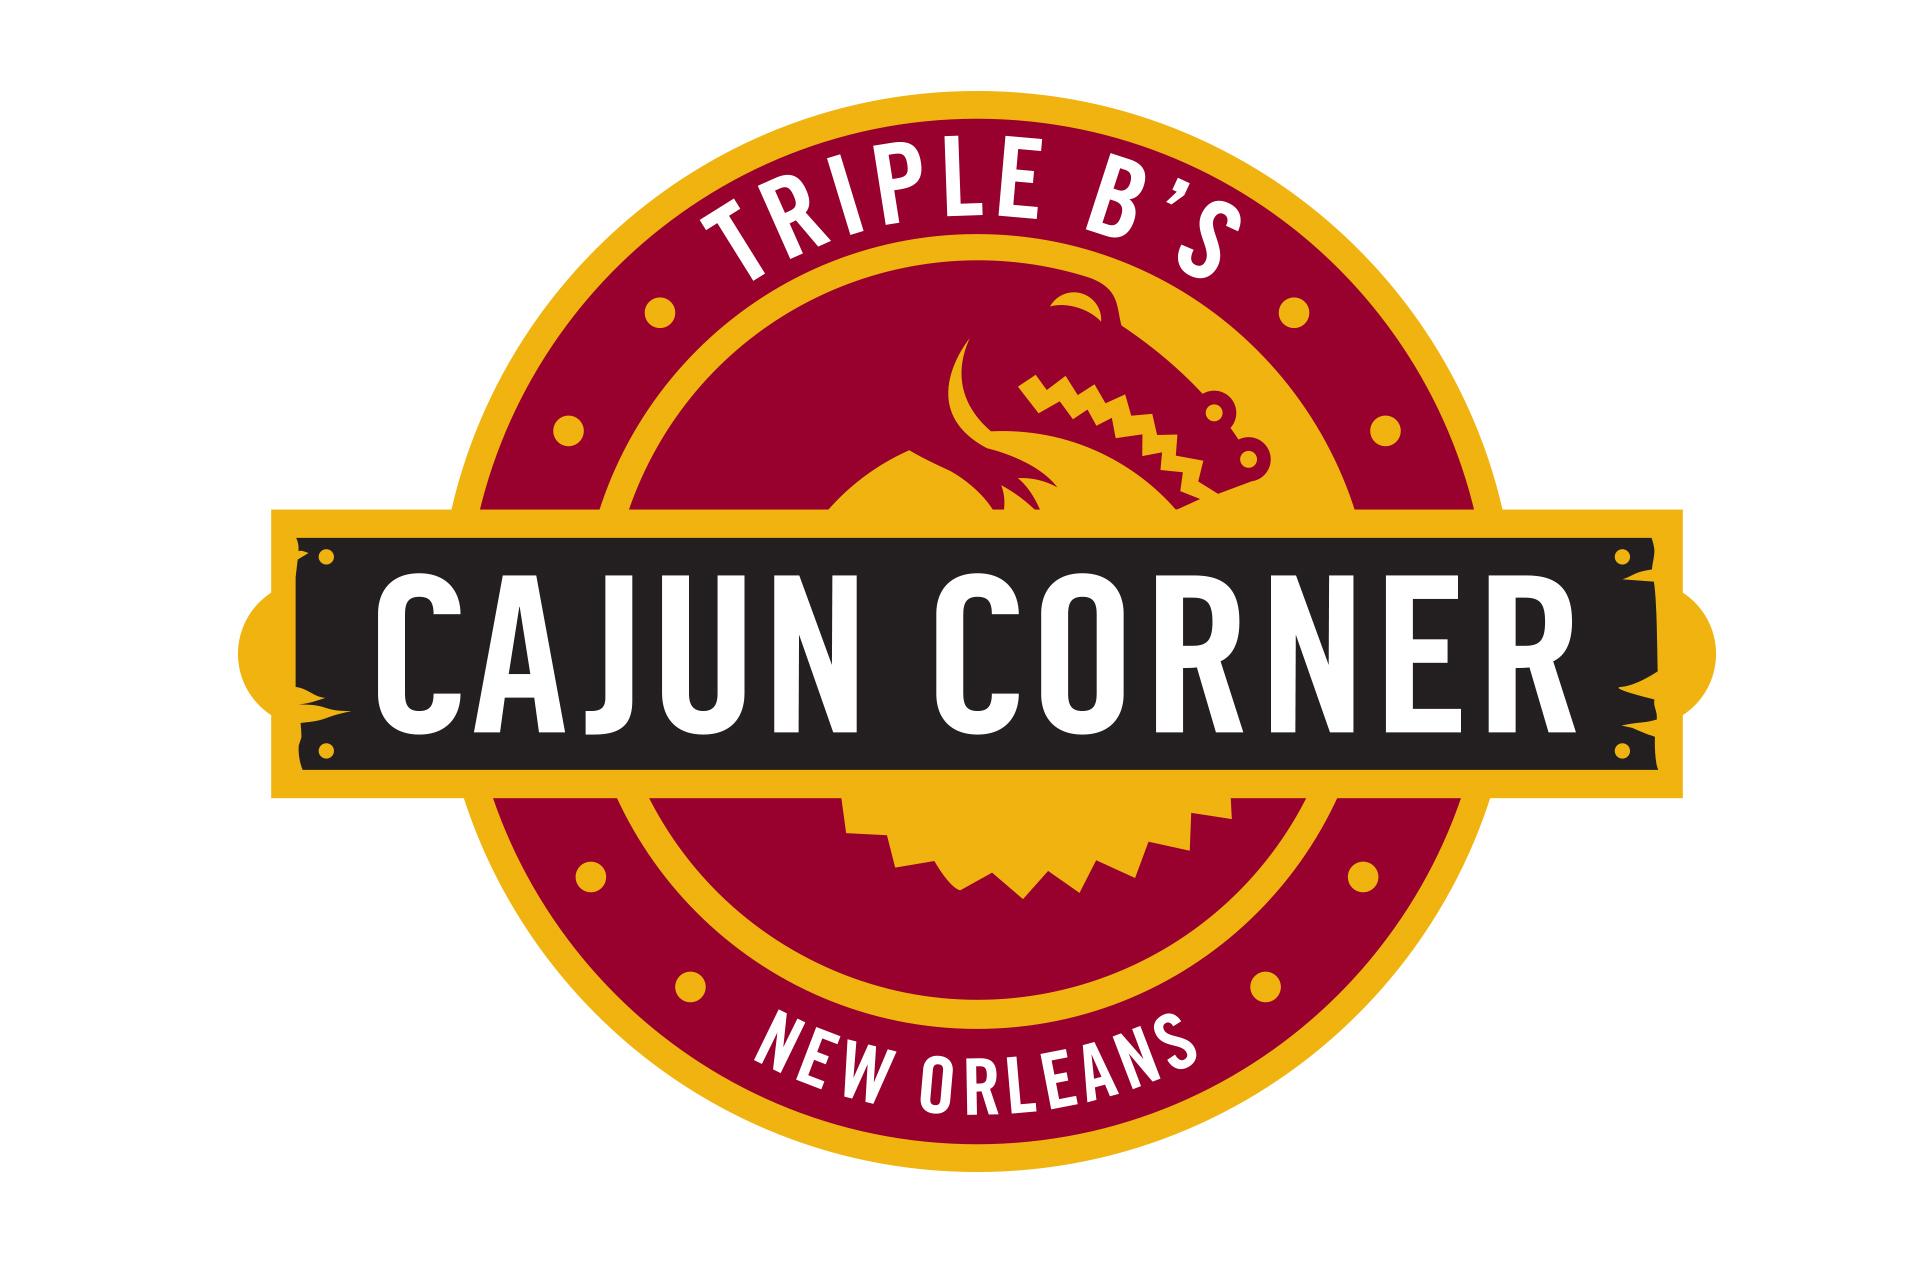 Cajun Corner